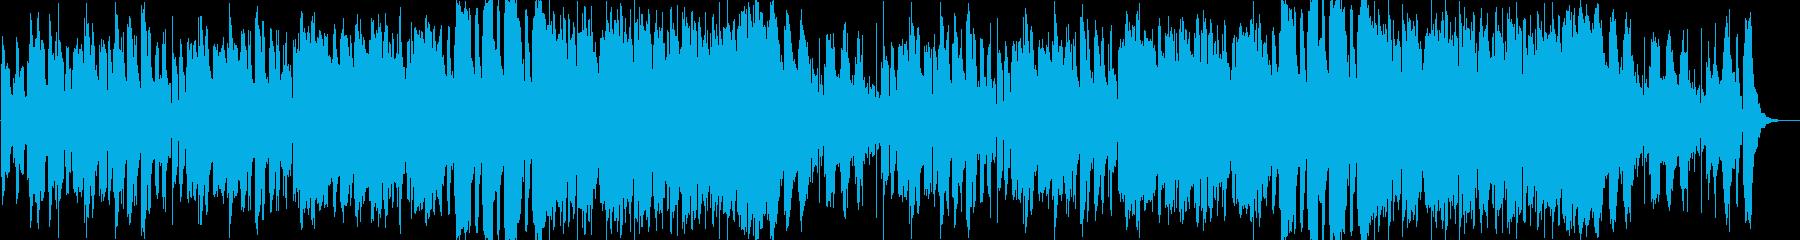 陽気で明るいメロディのポップスの再生済みの波形